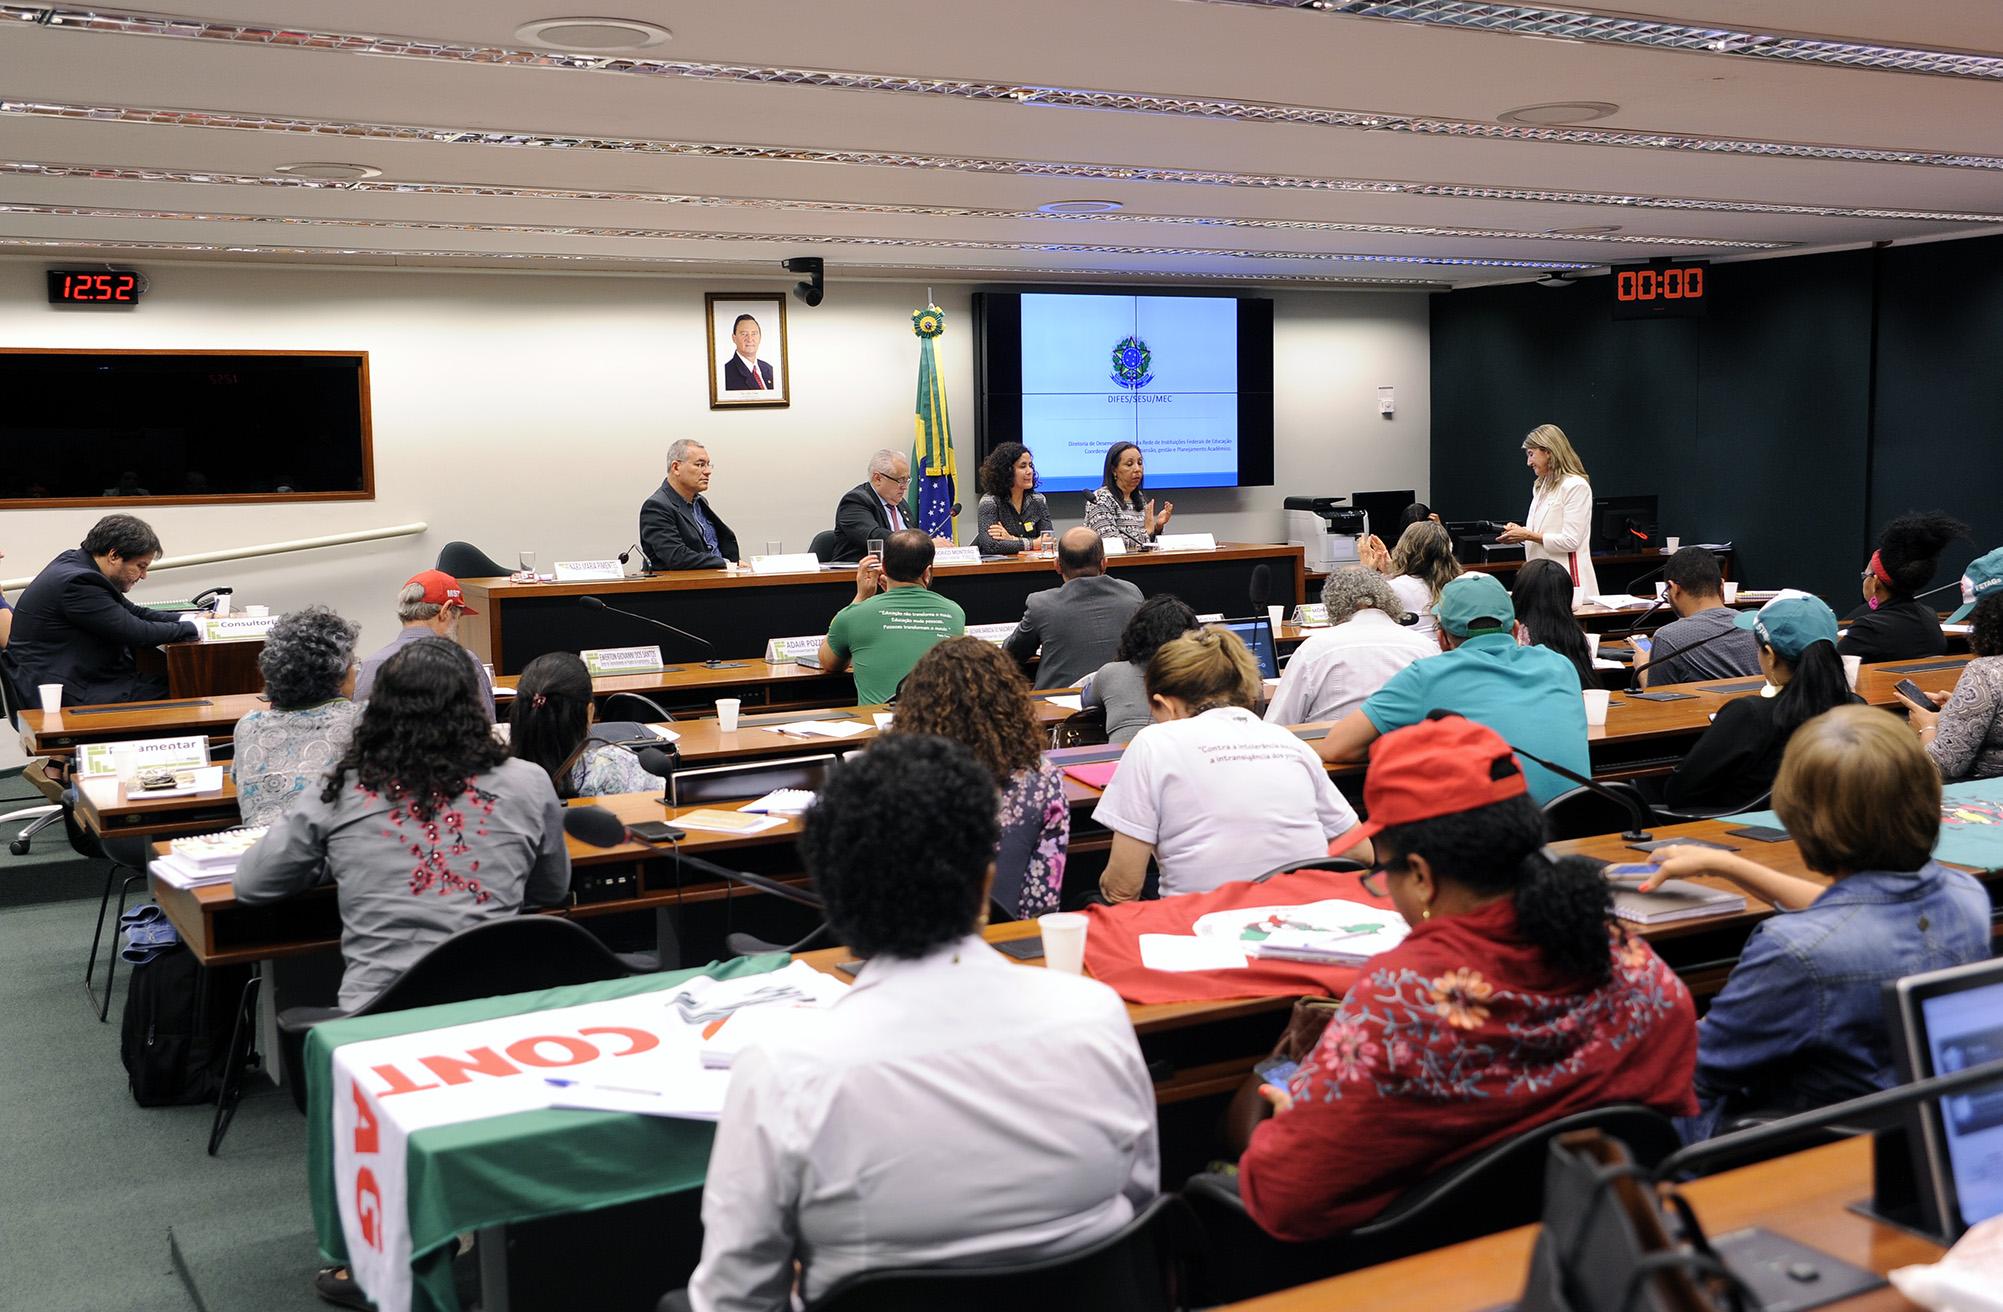 Audiência pública sobre o cenário atual das políticas públicas de educação no campo e suas perspectivas